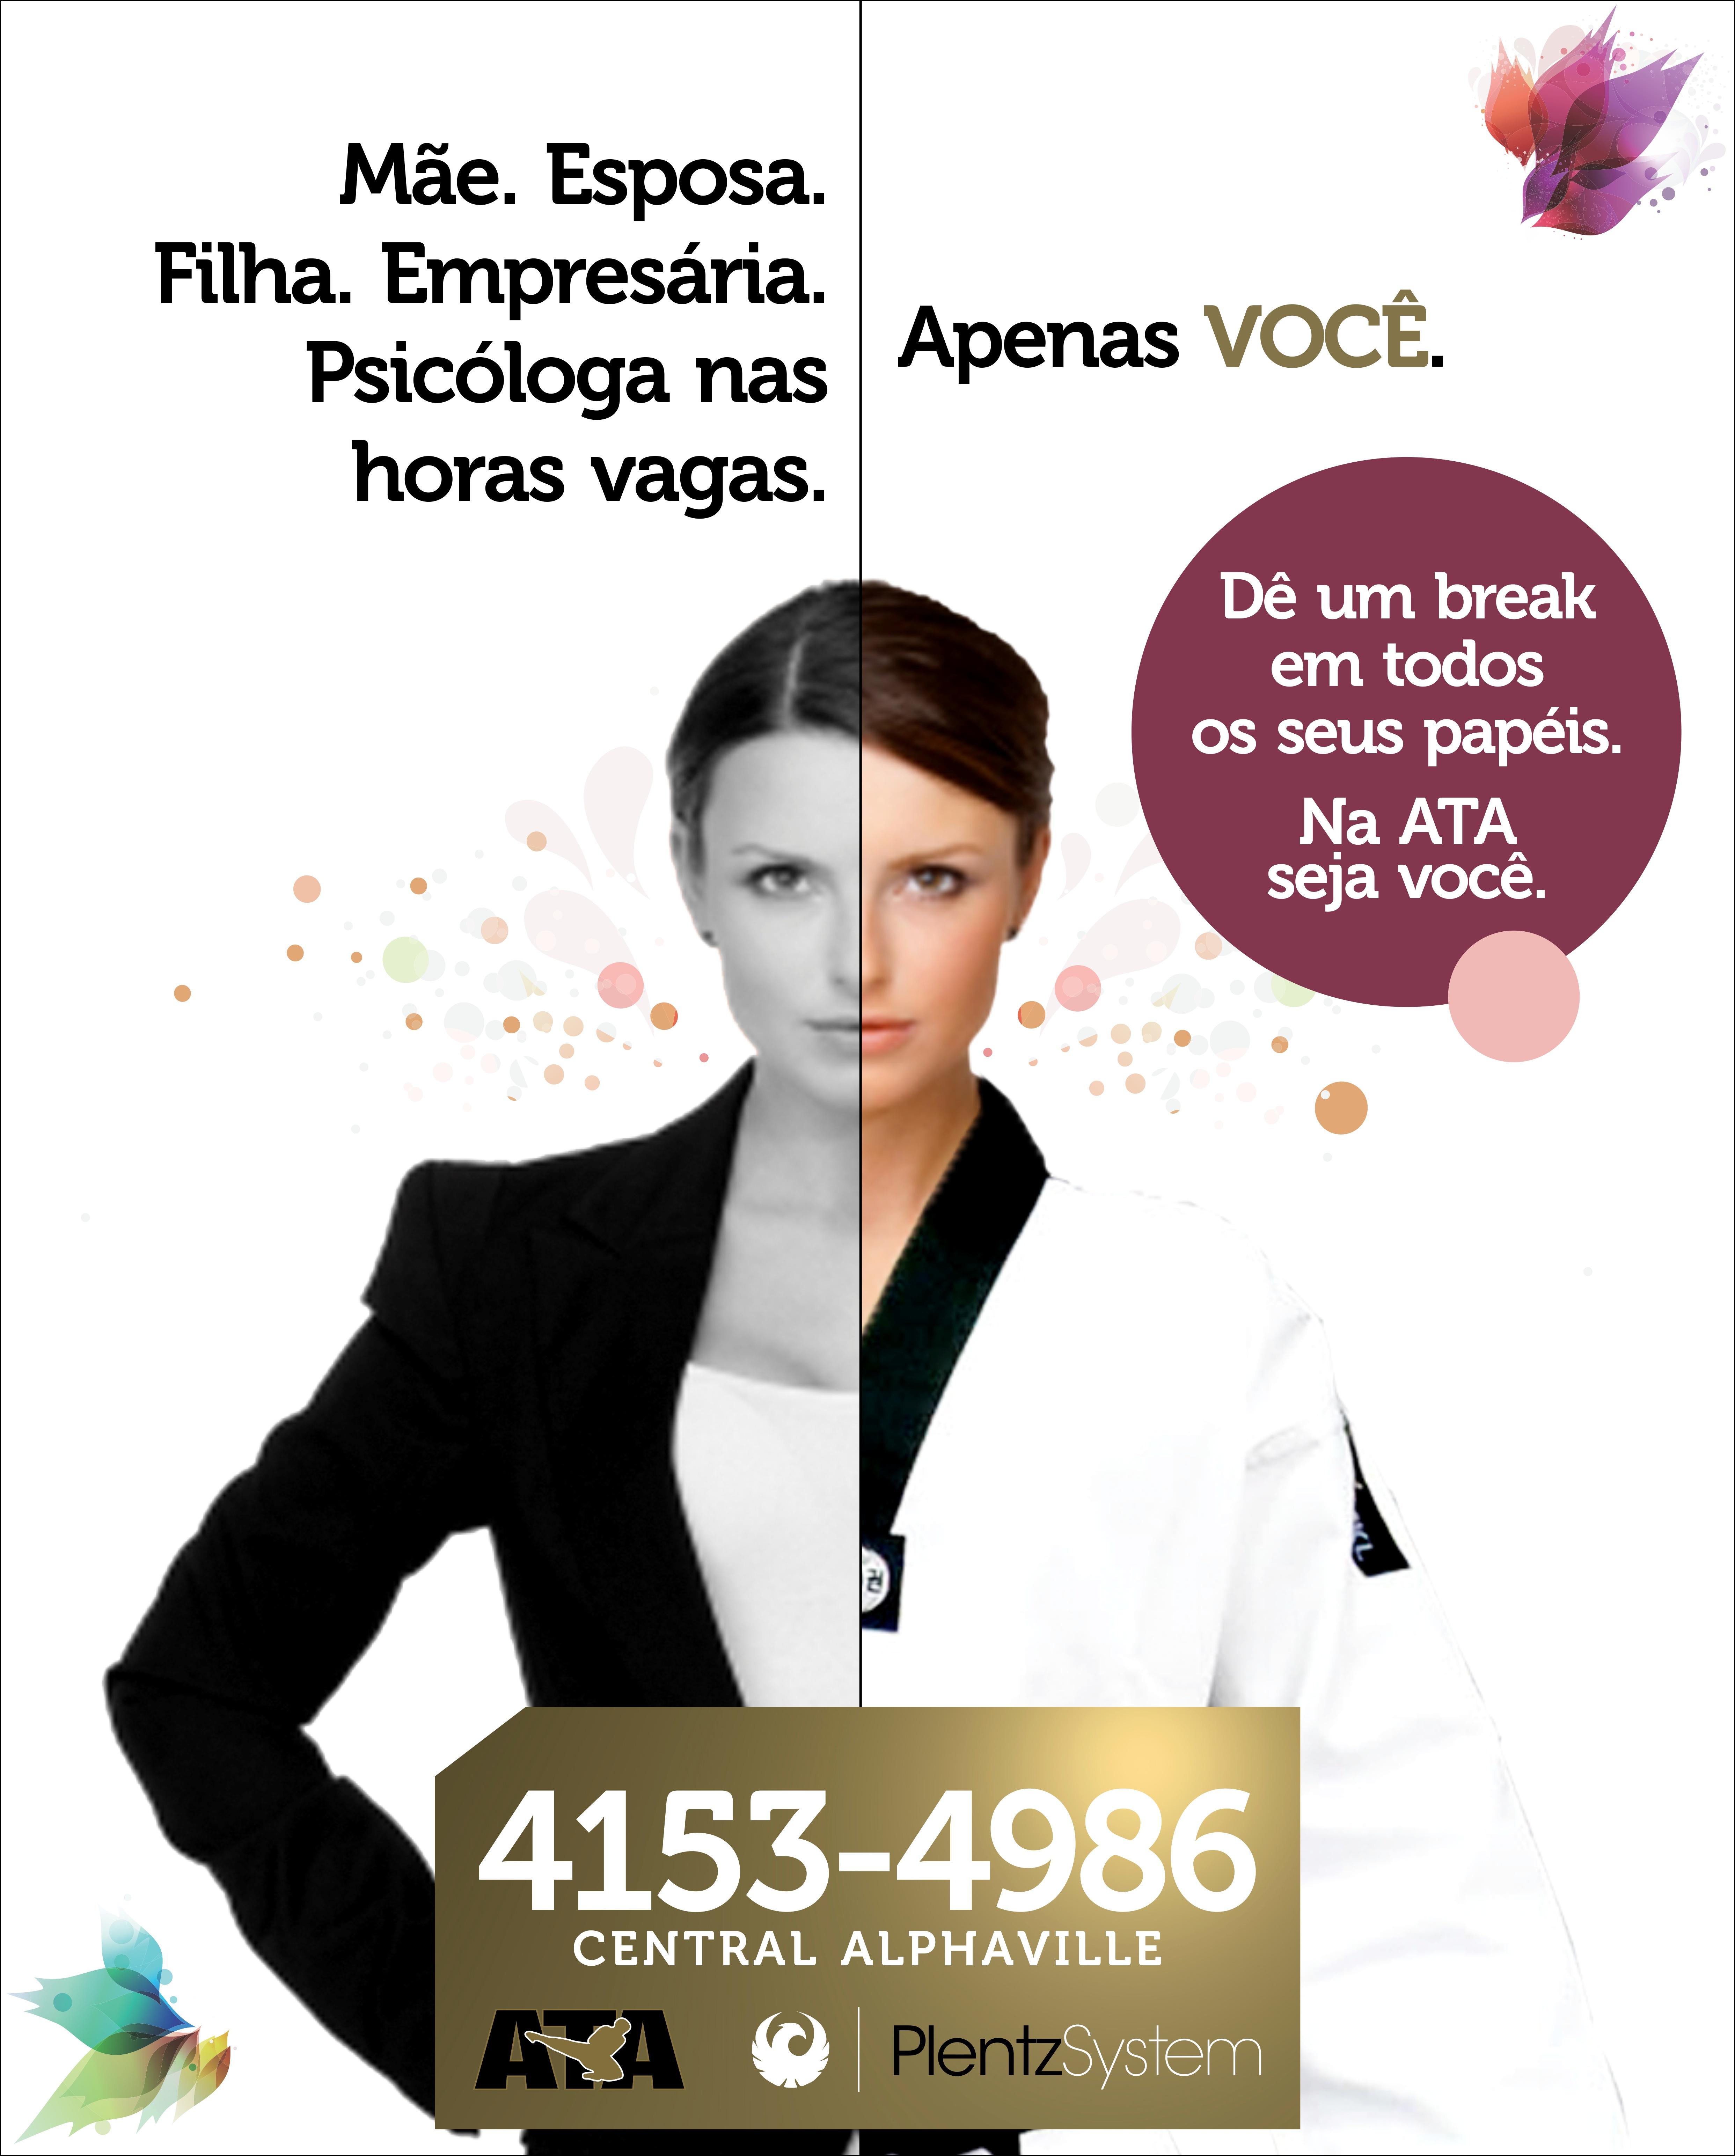 +Campanha Digital - ATA